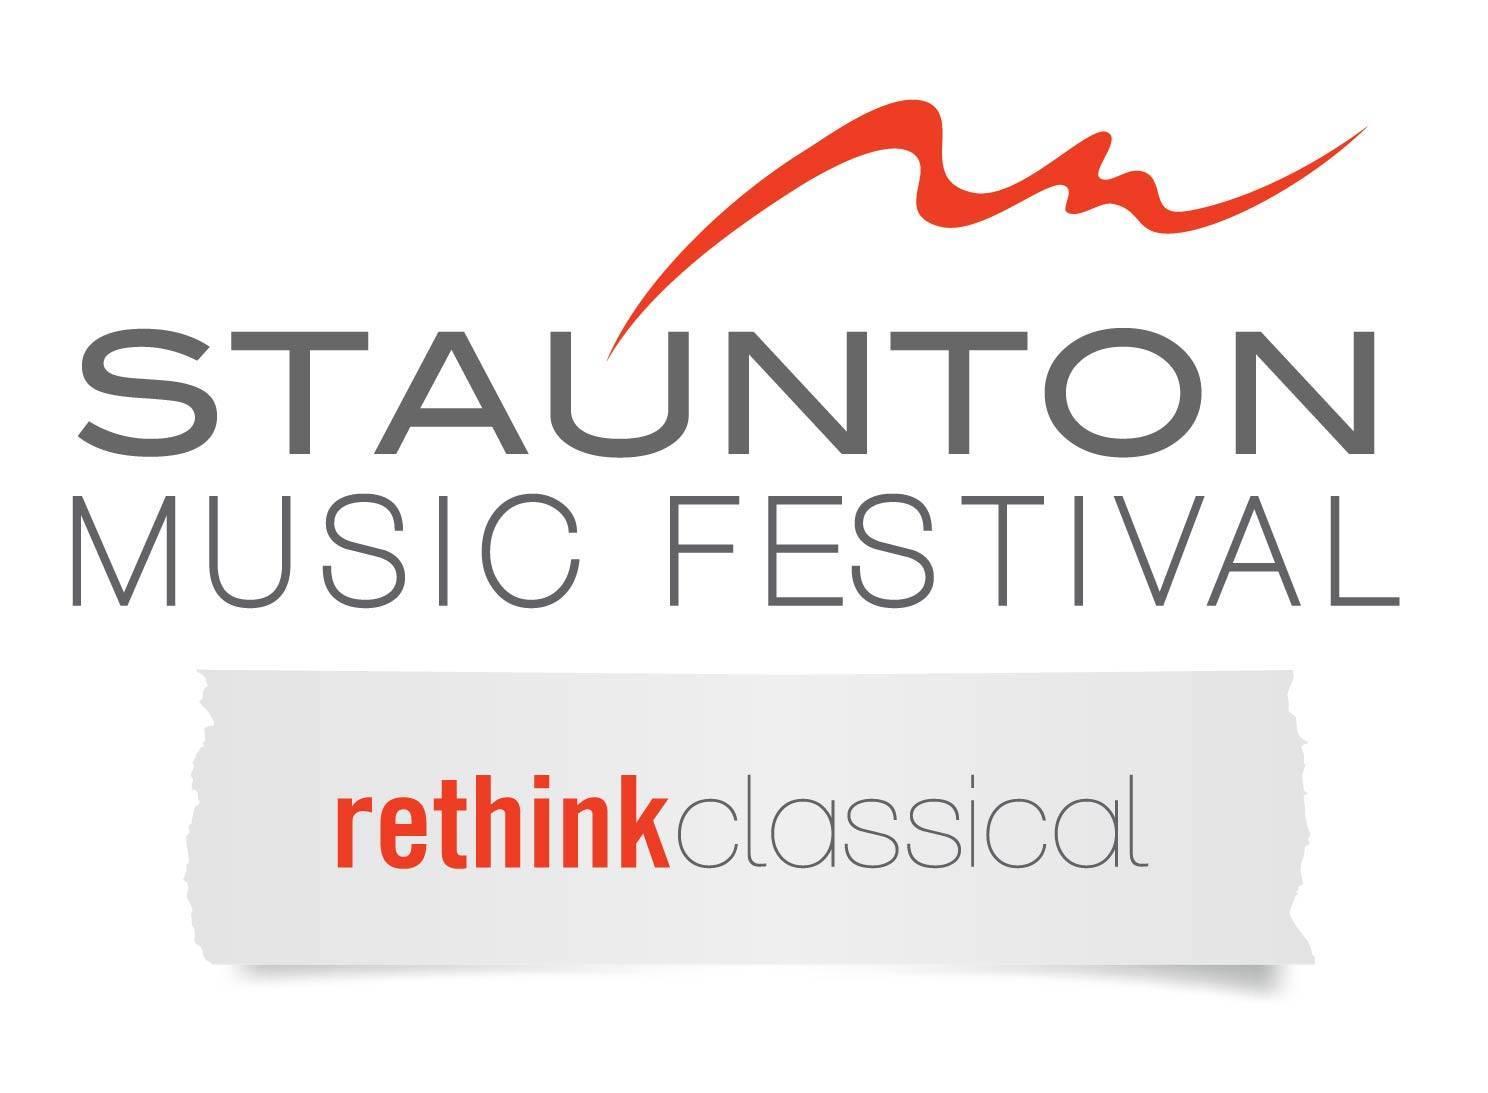 Staunton Music Festival - Classical Music Festival VA 2019